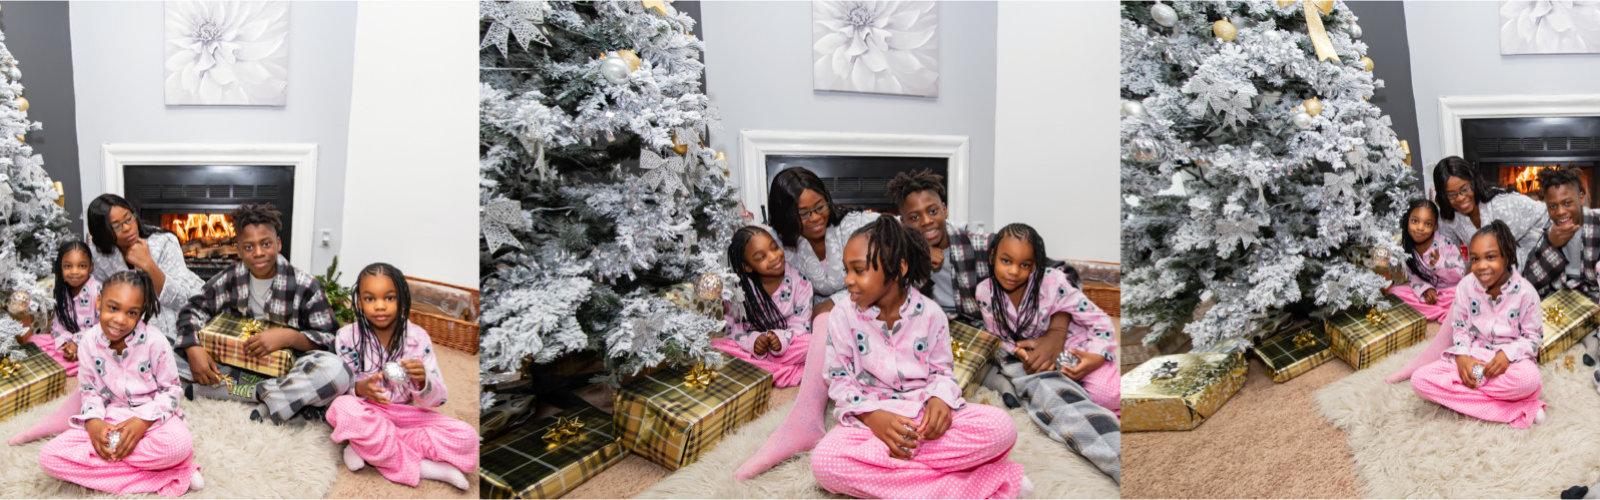 happy family indoor